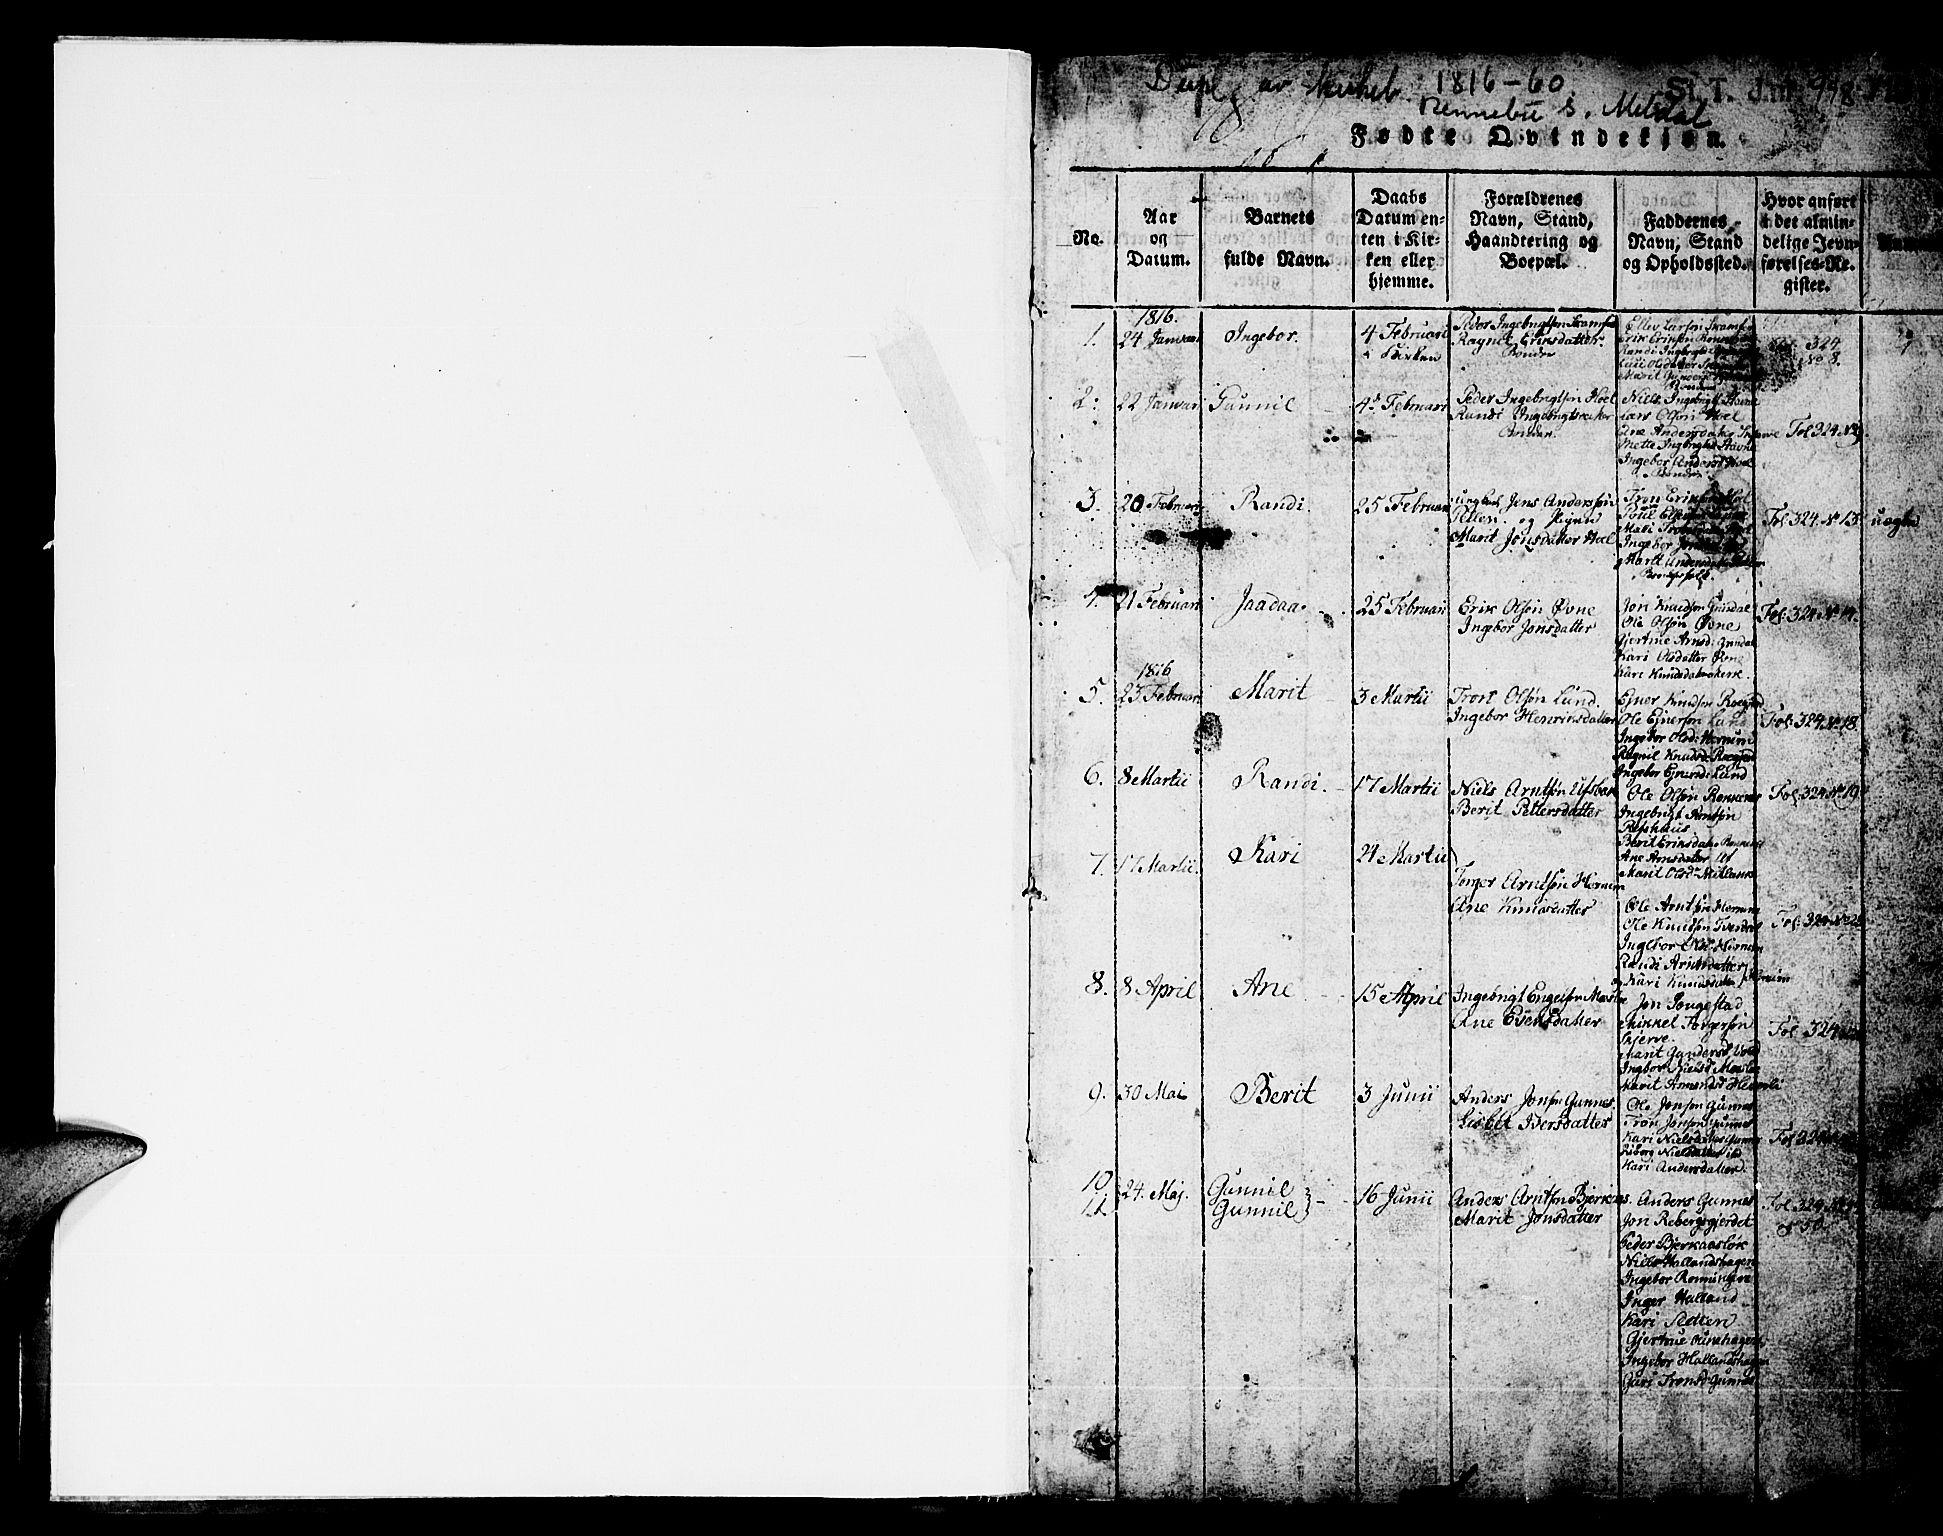 SAT, Ministerialprotokoller, klokkerbøker og fødselsregistre - Sør-Trøndelag, 674/L0874: Klokkerbok nr. 674C01, 1816-1860, s. 1